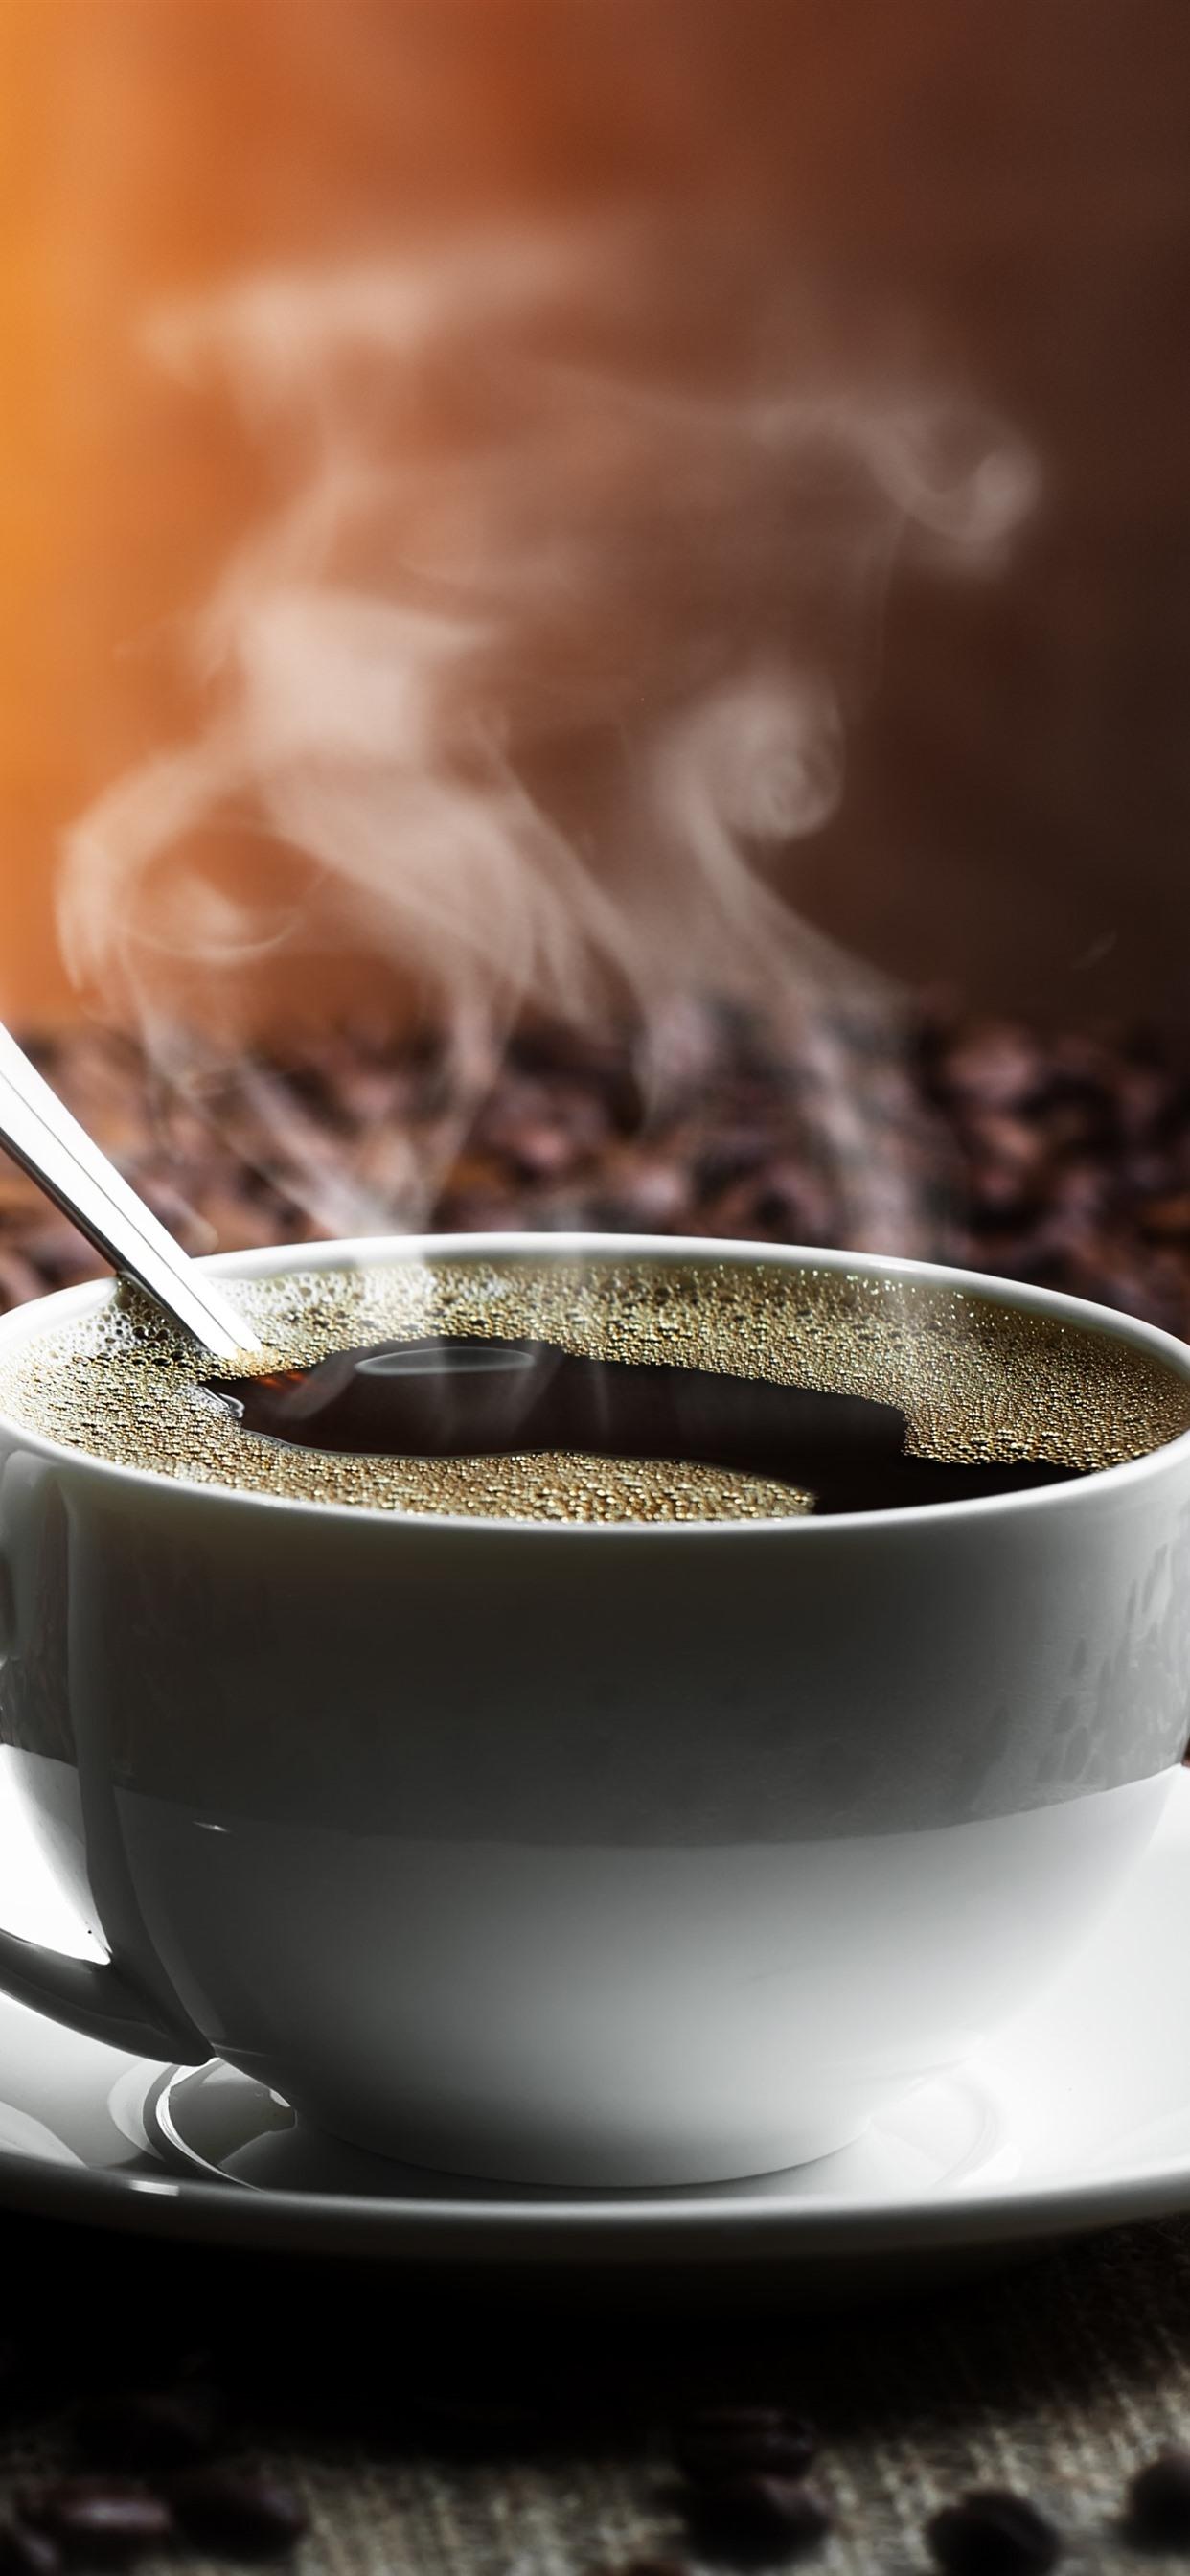 1カップのコーヒー 蒸気 コーヒー豆 1242x2688 Iphone 11 Pro Xs Max